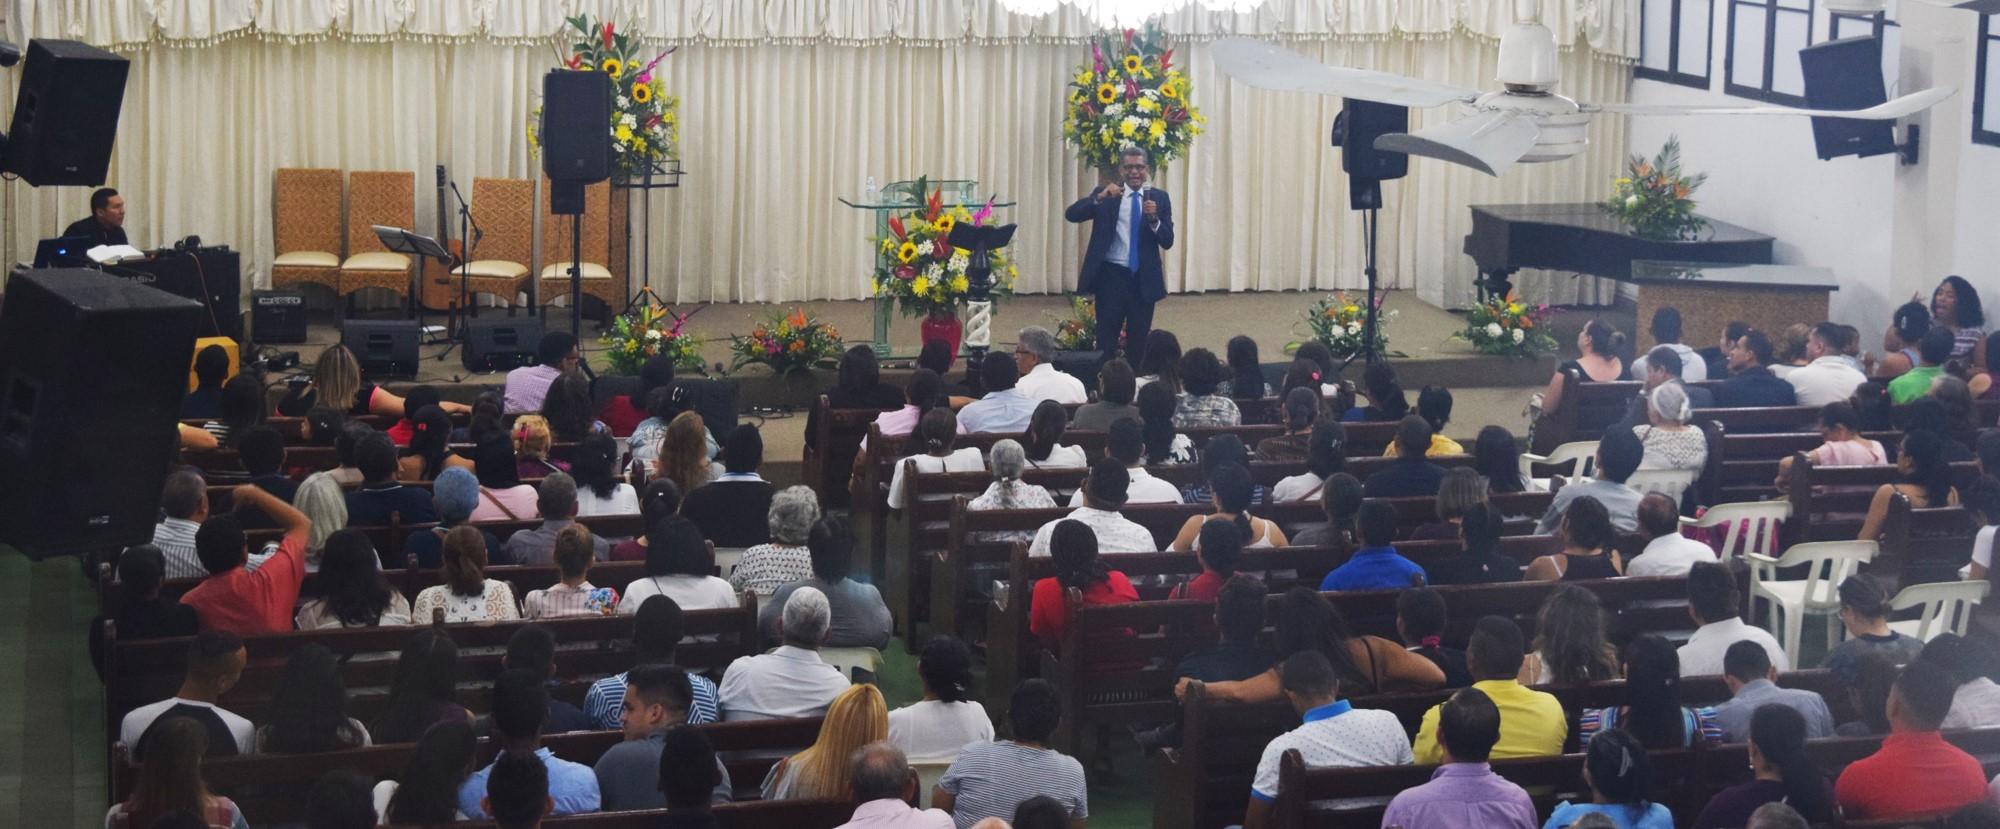 Más de 100 personas bautizadas durante la campaña Profecías de Esperanza en Barranquilla